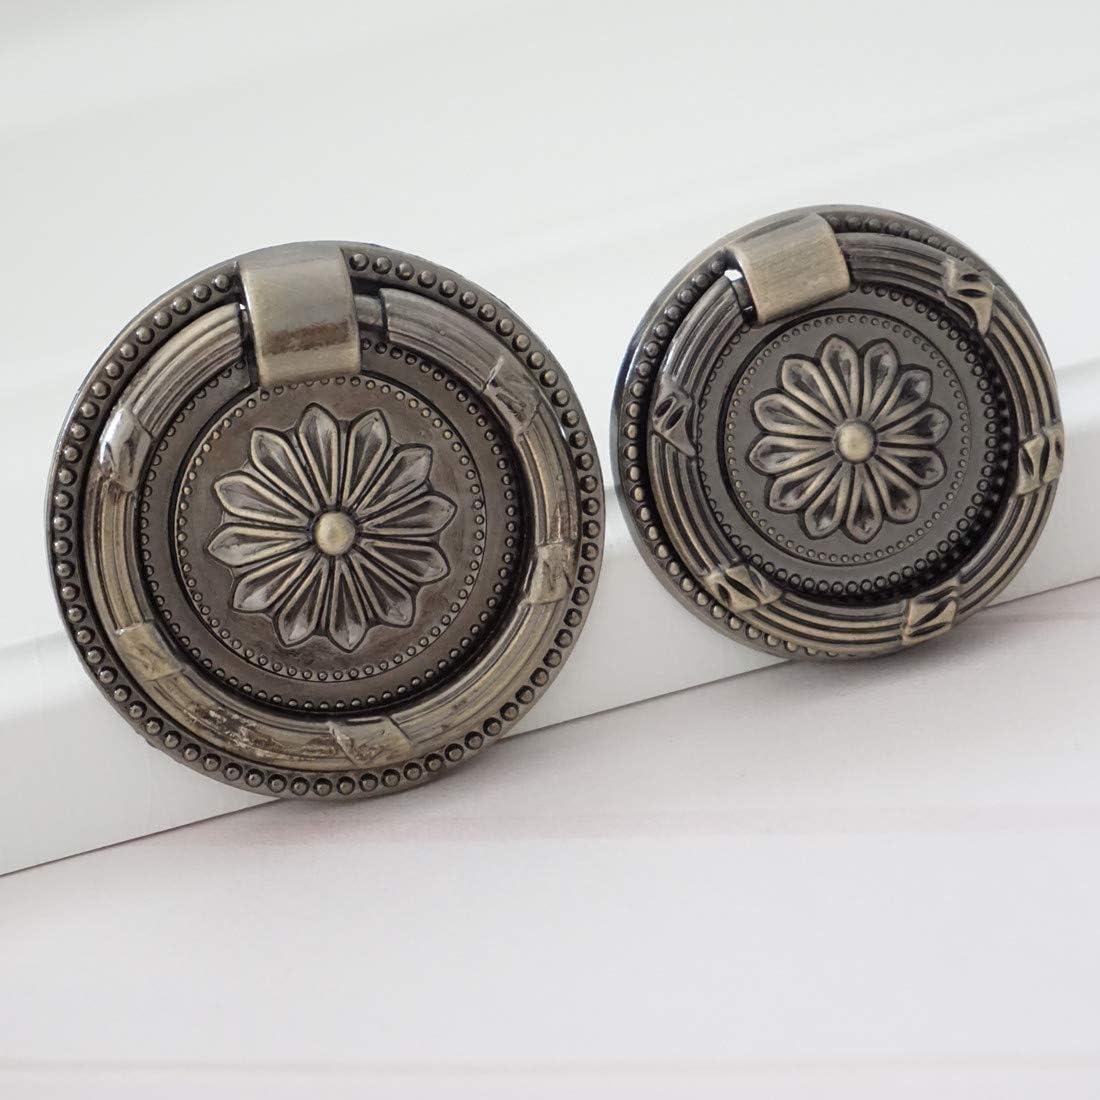 MOOD.SC-Tropfen-Ring Zuggriff Antike Bronze H/ängen Pulls Drawer Dresser-K/üche-Kabinett-Drehknopf T/ürbeschl/äge Griff ziehen,35mmDiameter